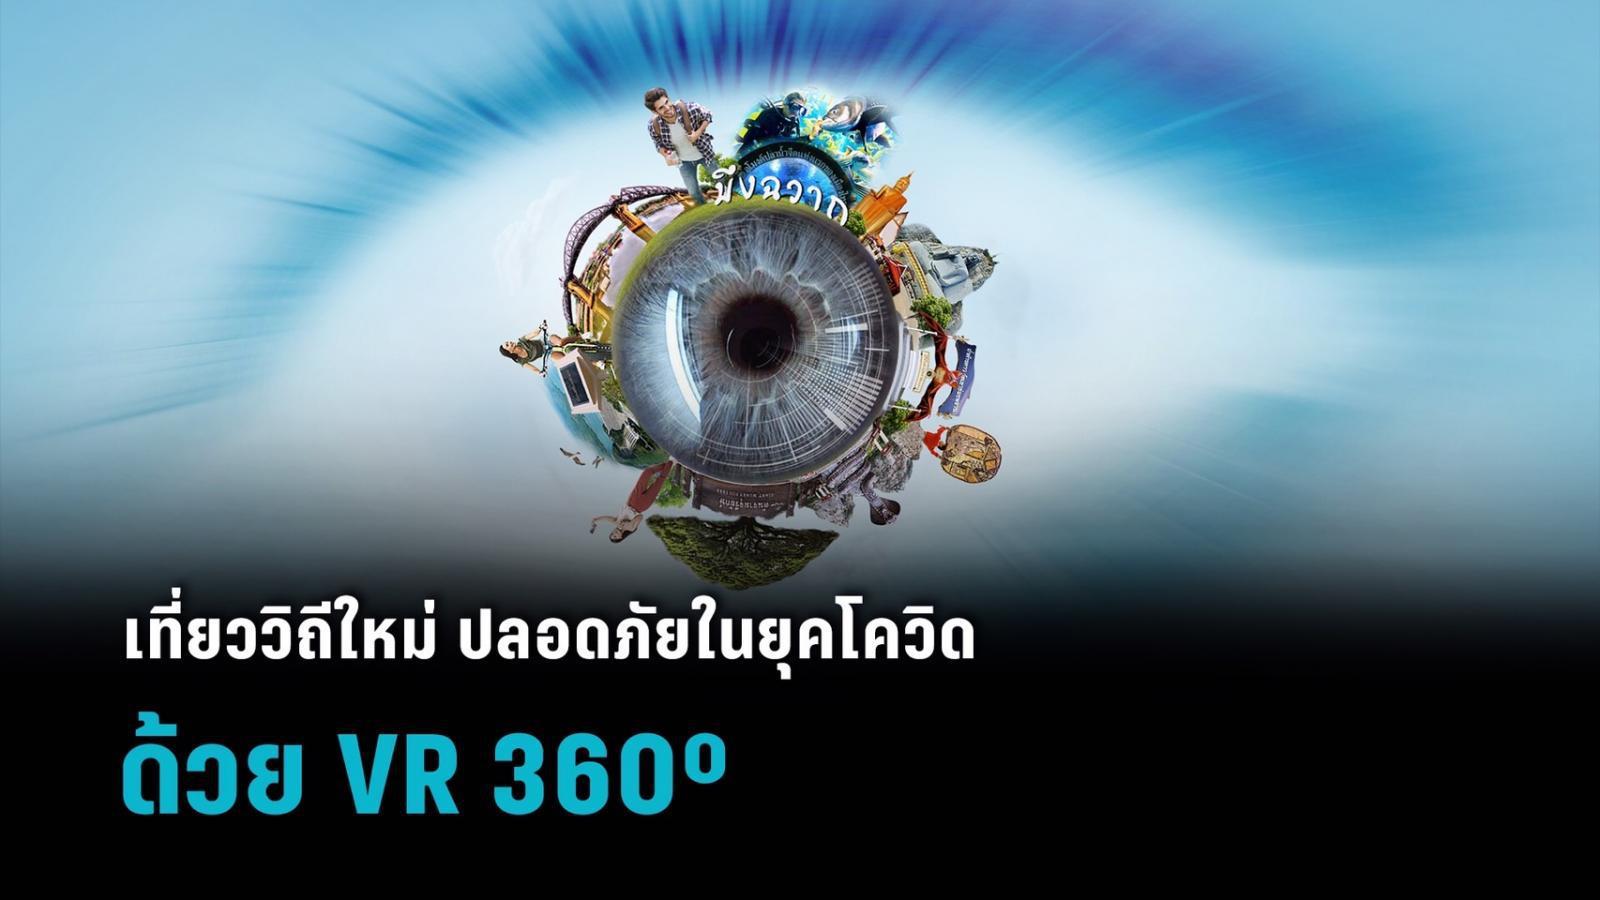 เที่ยววิถีใหม่ ปลอดภัยในยุคโควิด ด้วยเทคโนโลยี VR 360º